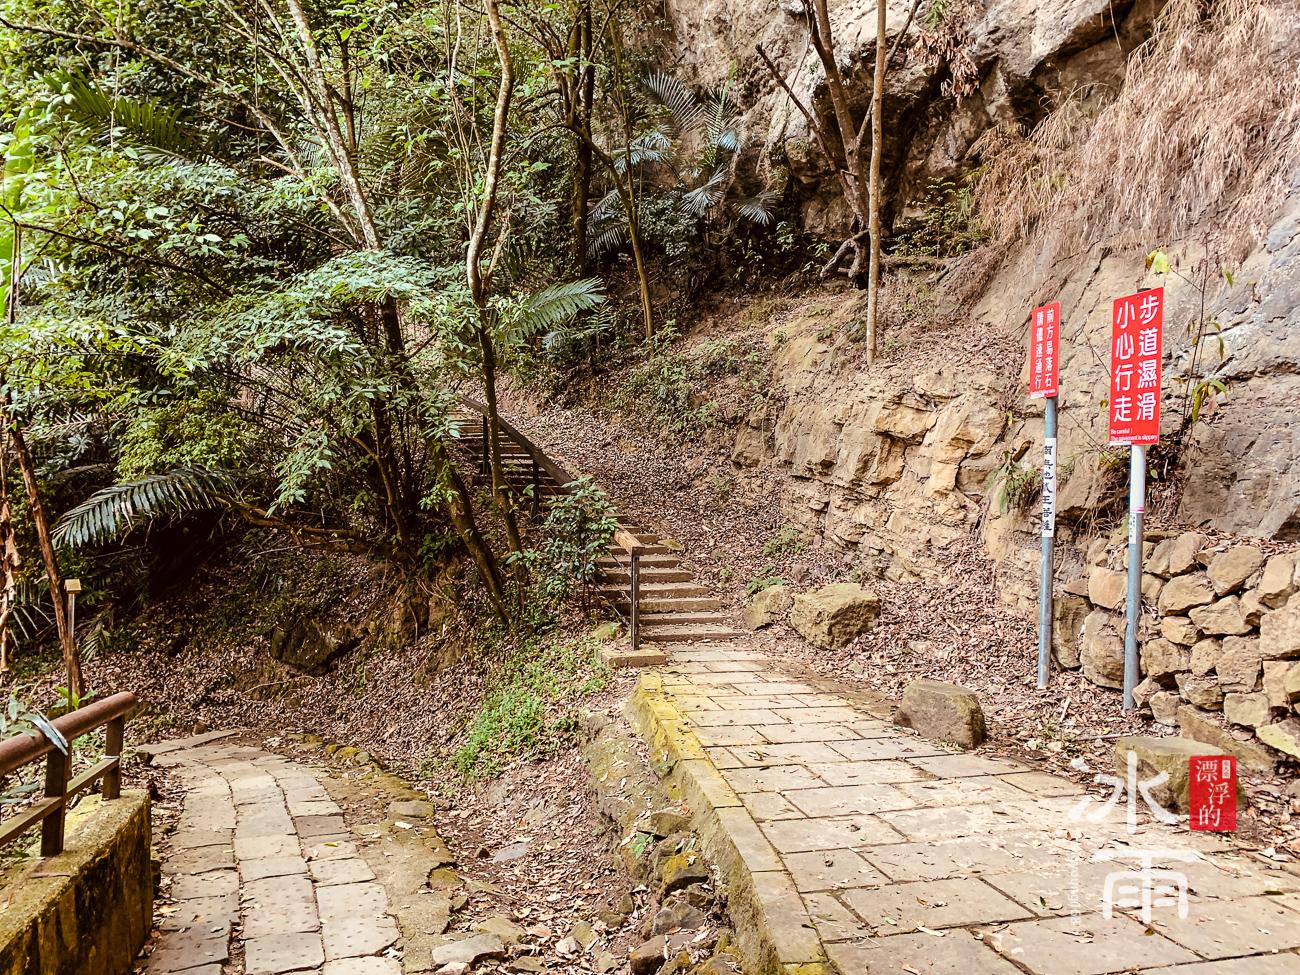 獅山古道|獅頭山風景區|獅山大岩壁